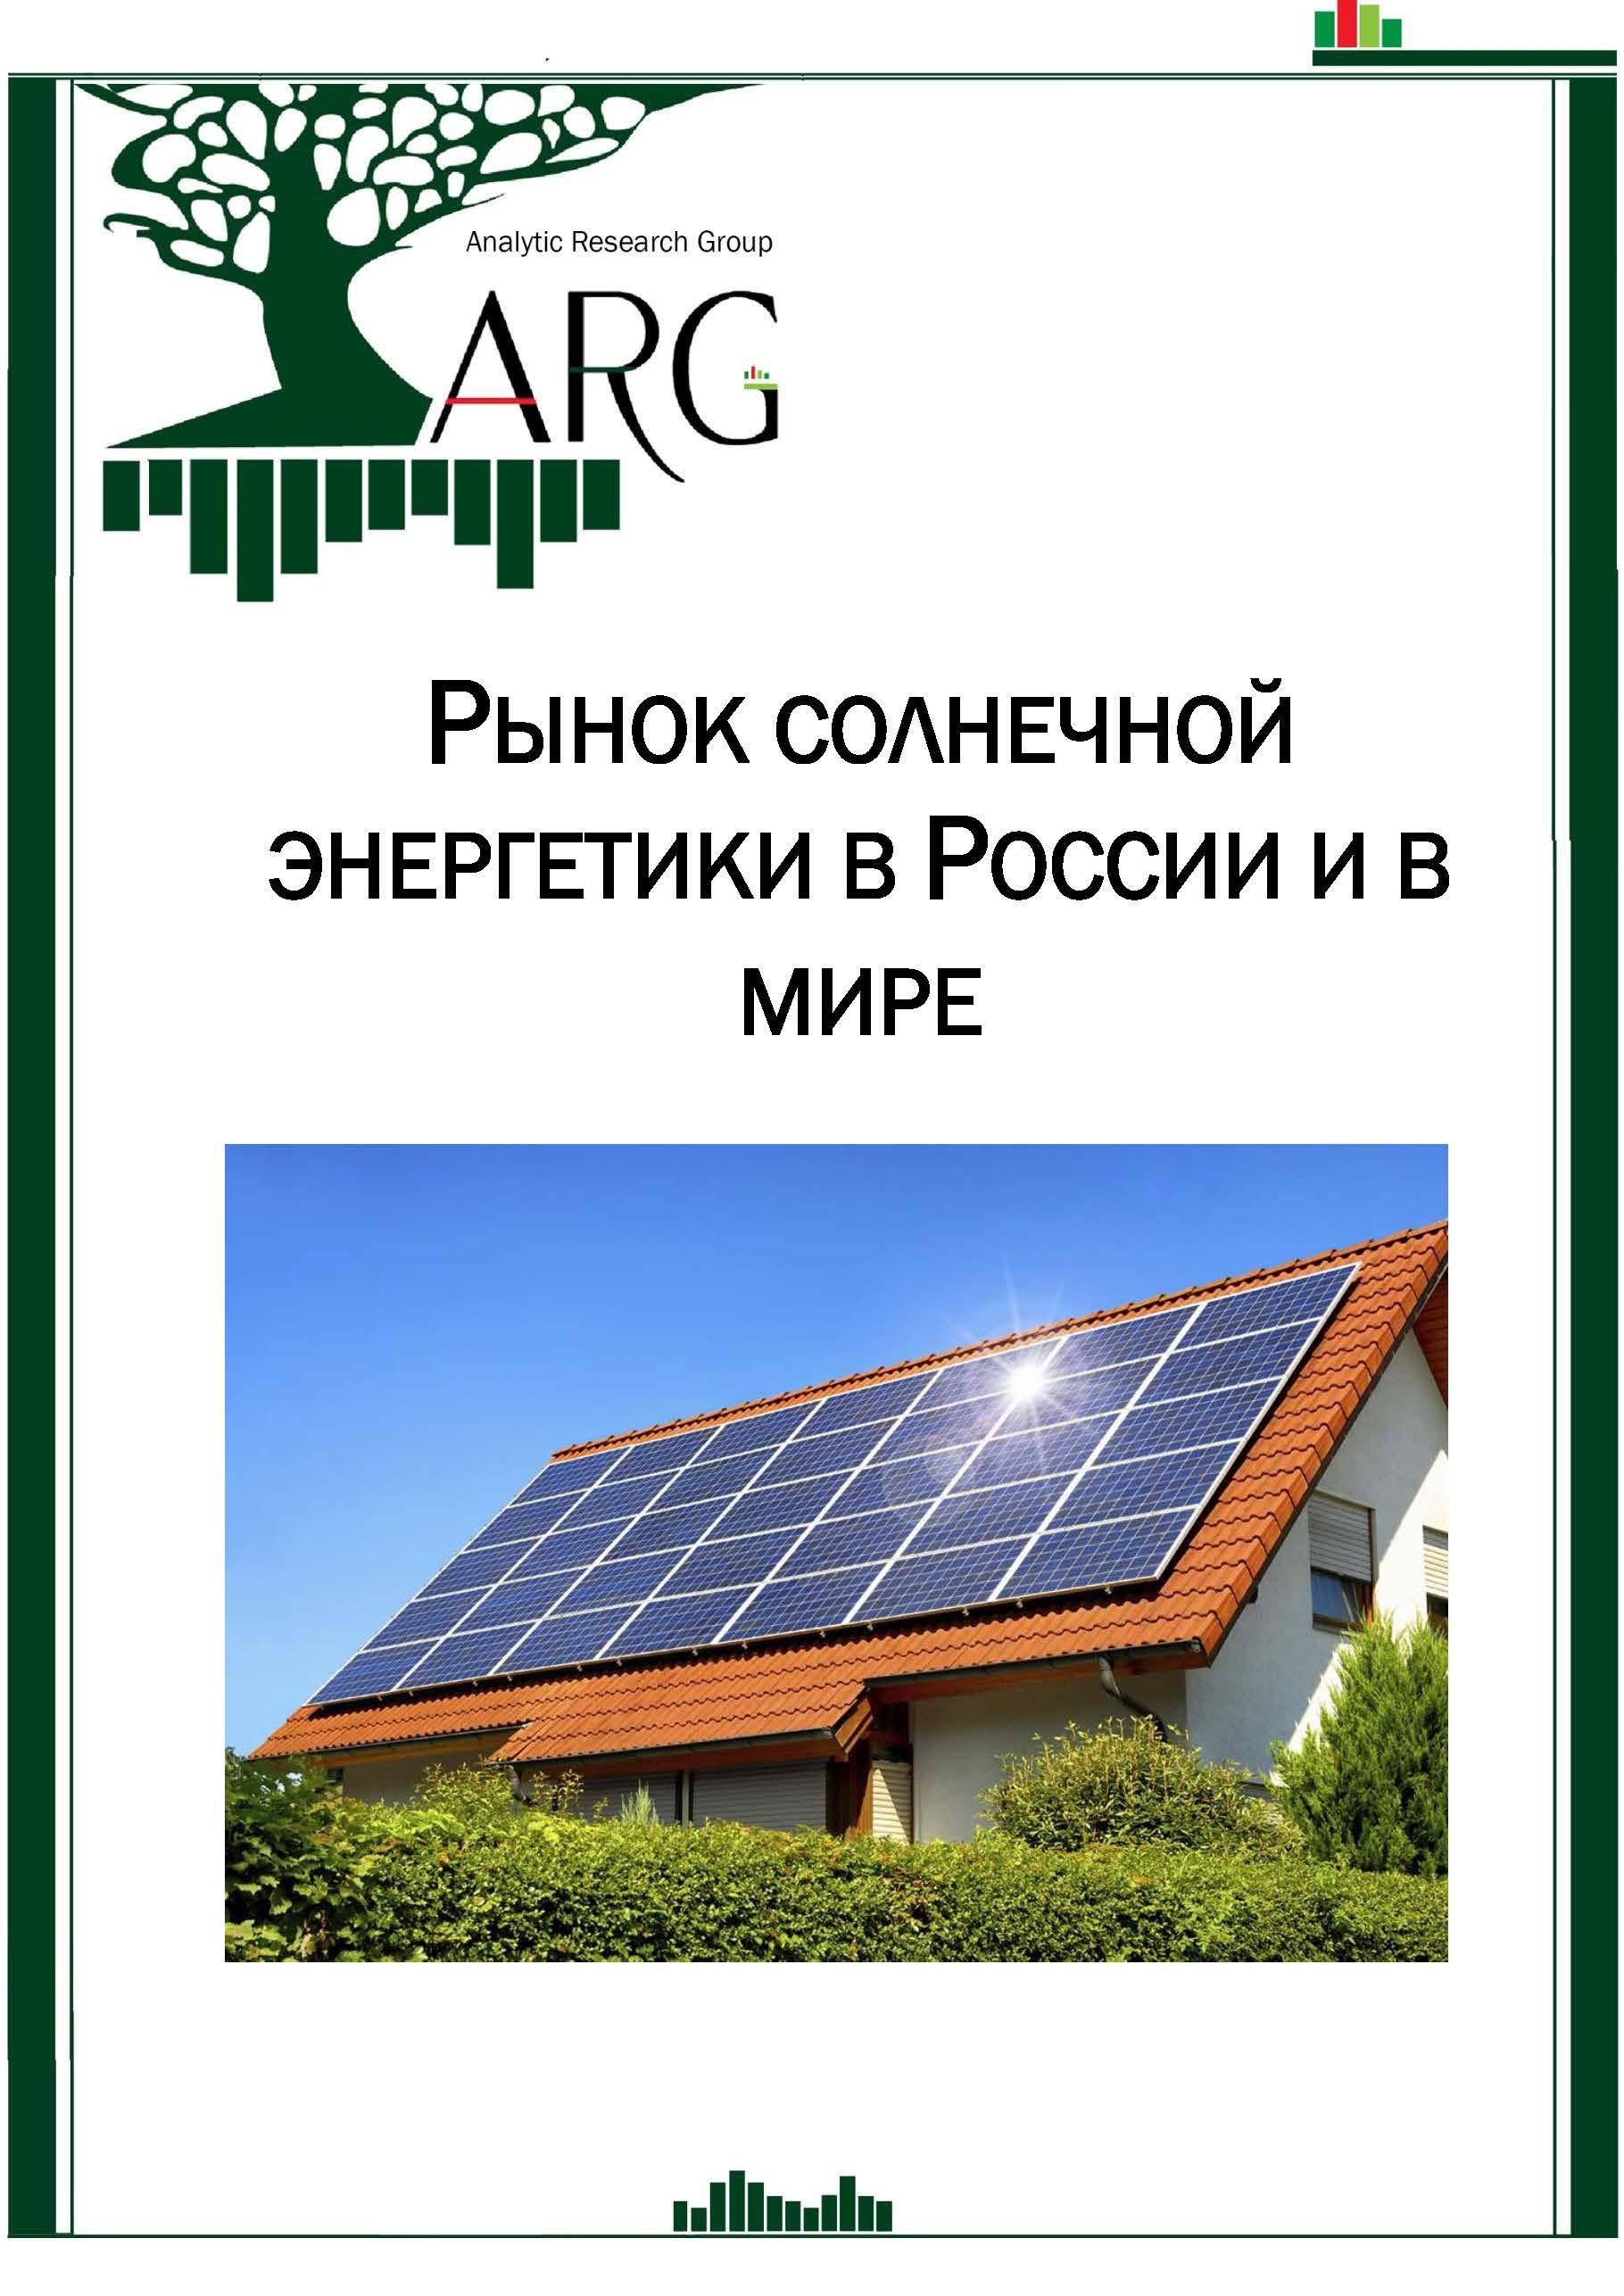 Экологические последствия развития солнечной энергетики